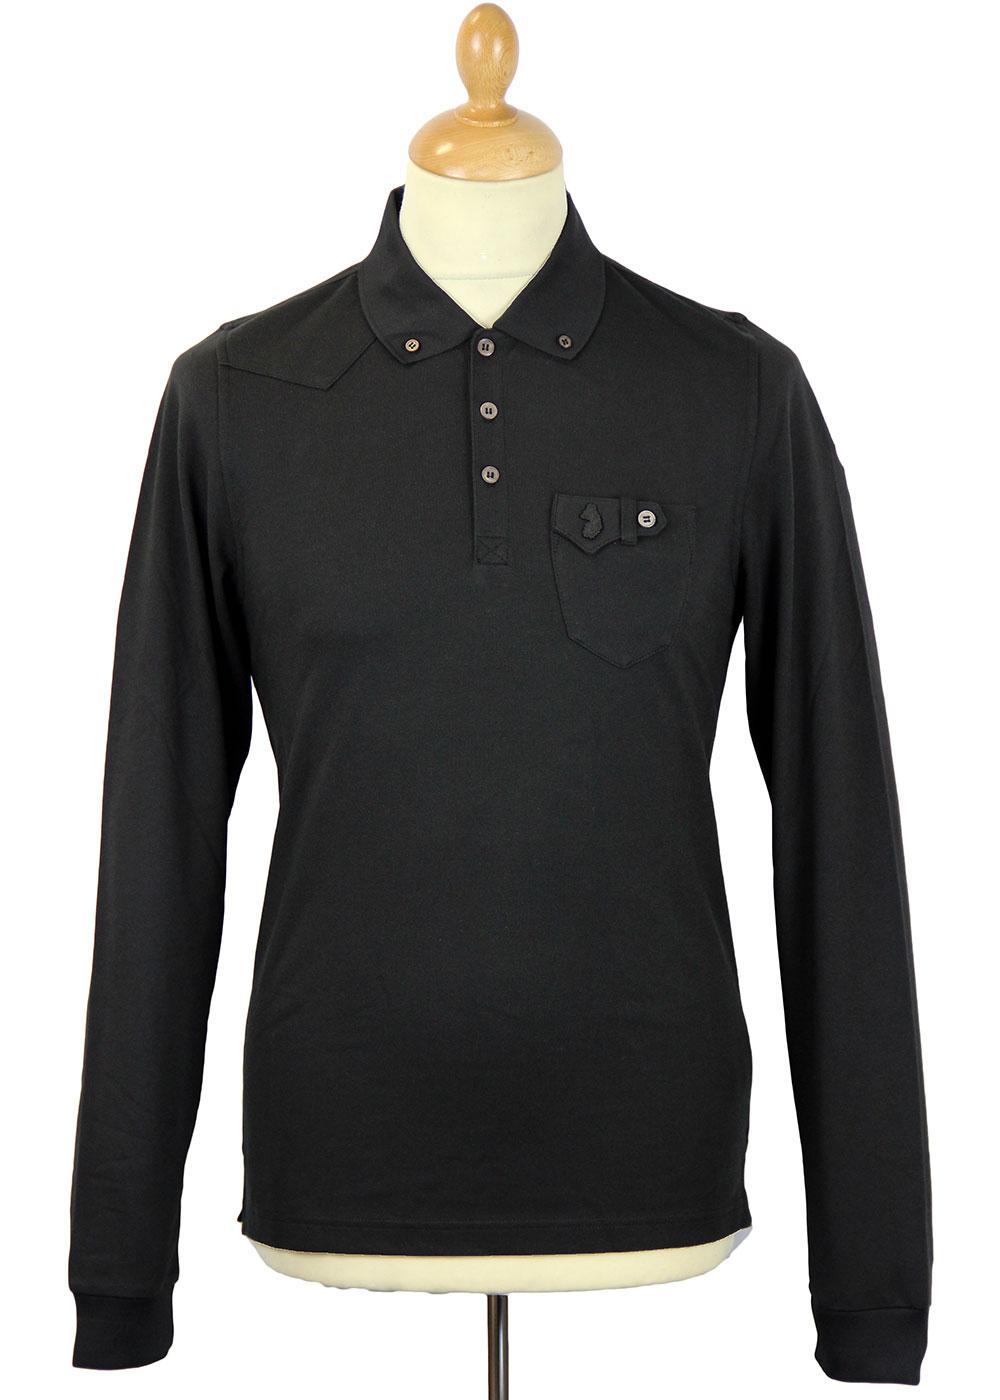 Steve Mitchell LUKE 1977 Retro Mod L/S Polo Shirt